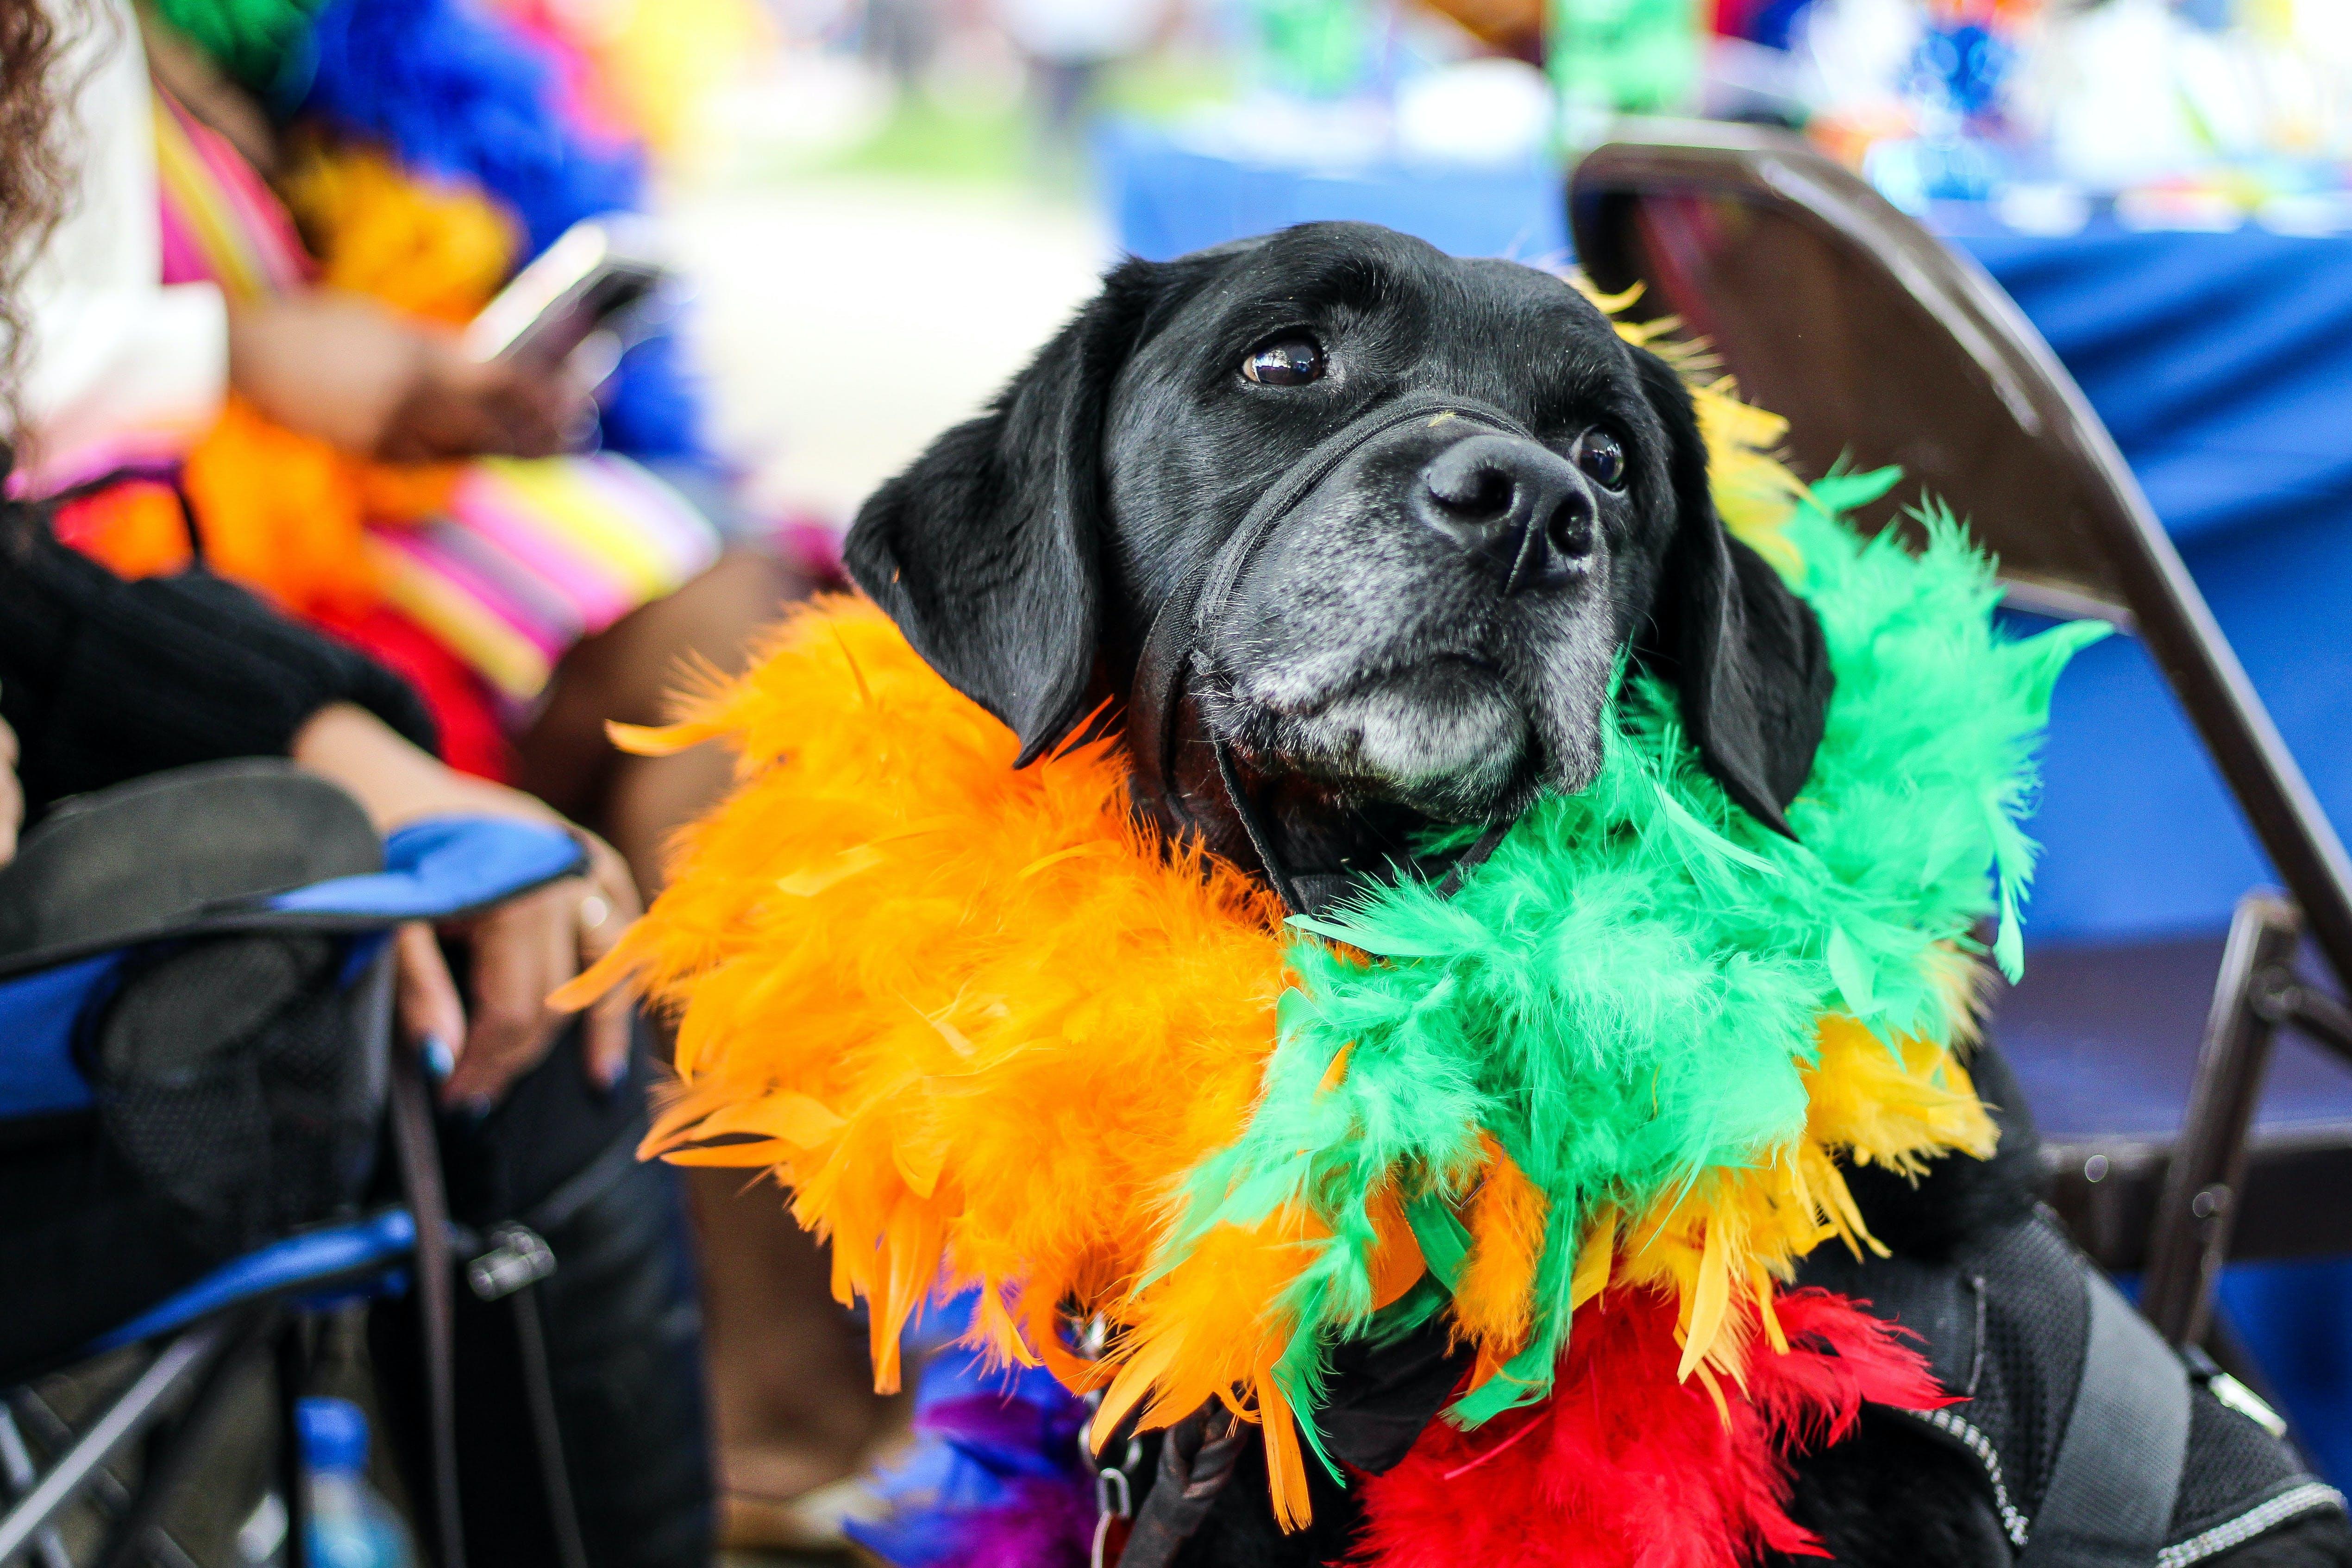 Fotos de stock gratuitas de actuación, animal, arco iris, calle